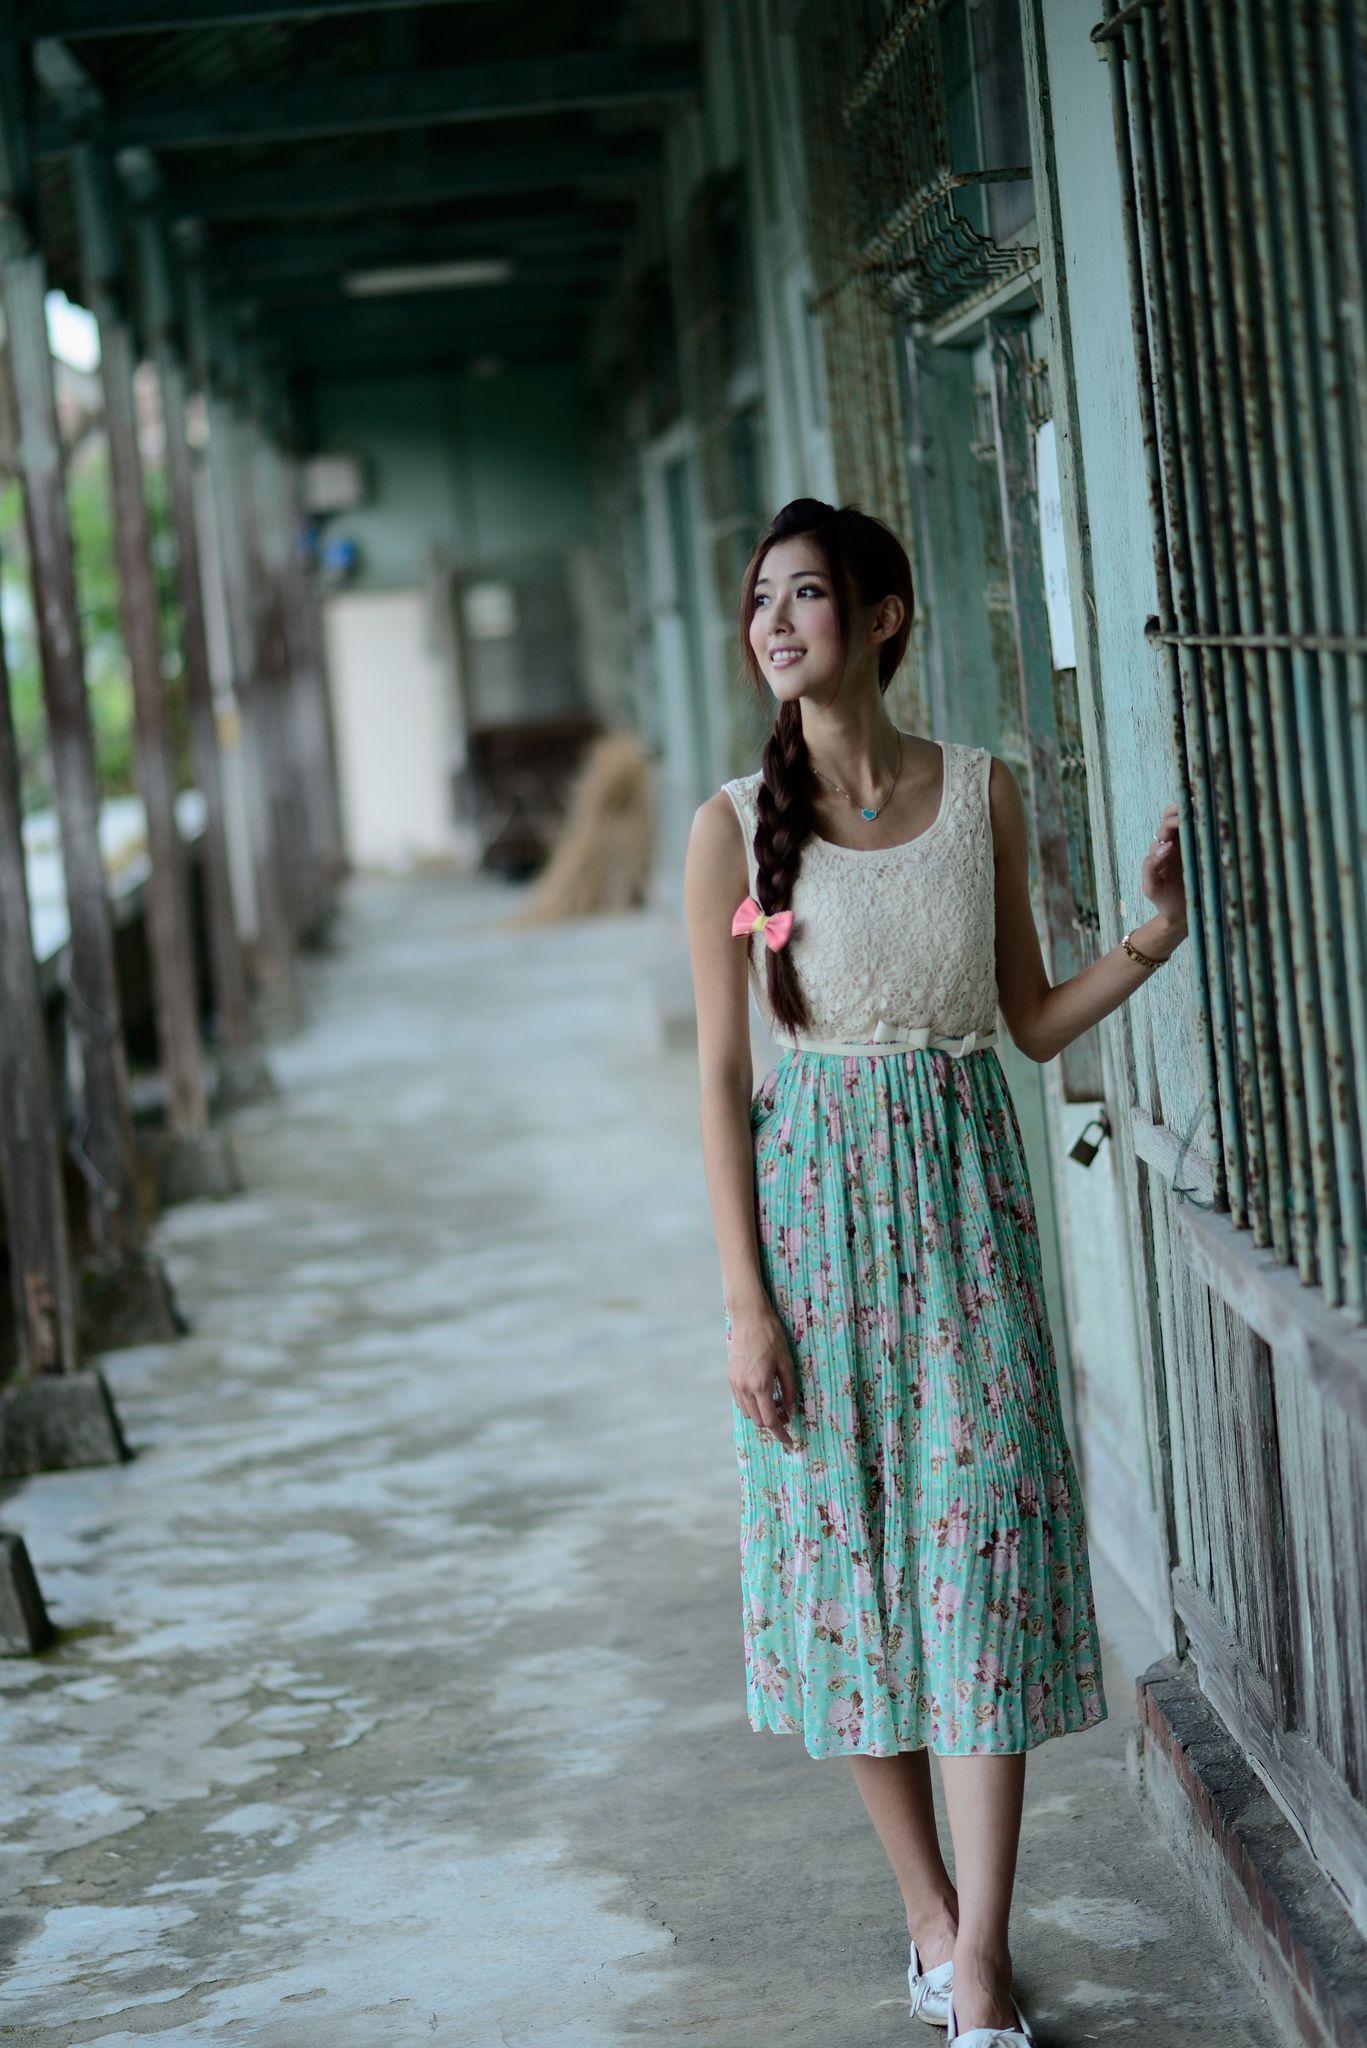 VOL.805 [台湾正妹]长裙清新唯美女神优雅美女:金允乔(廖挺伶,kila晶晶)高品质写真套图(60P)